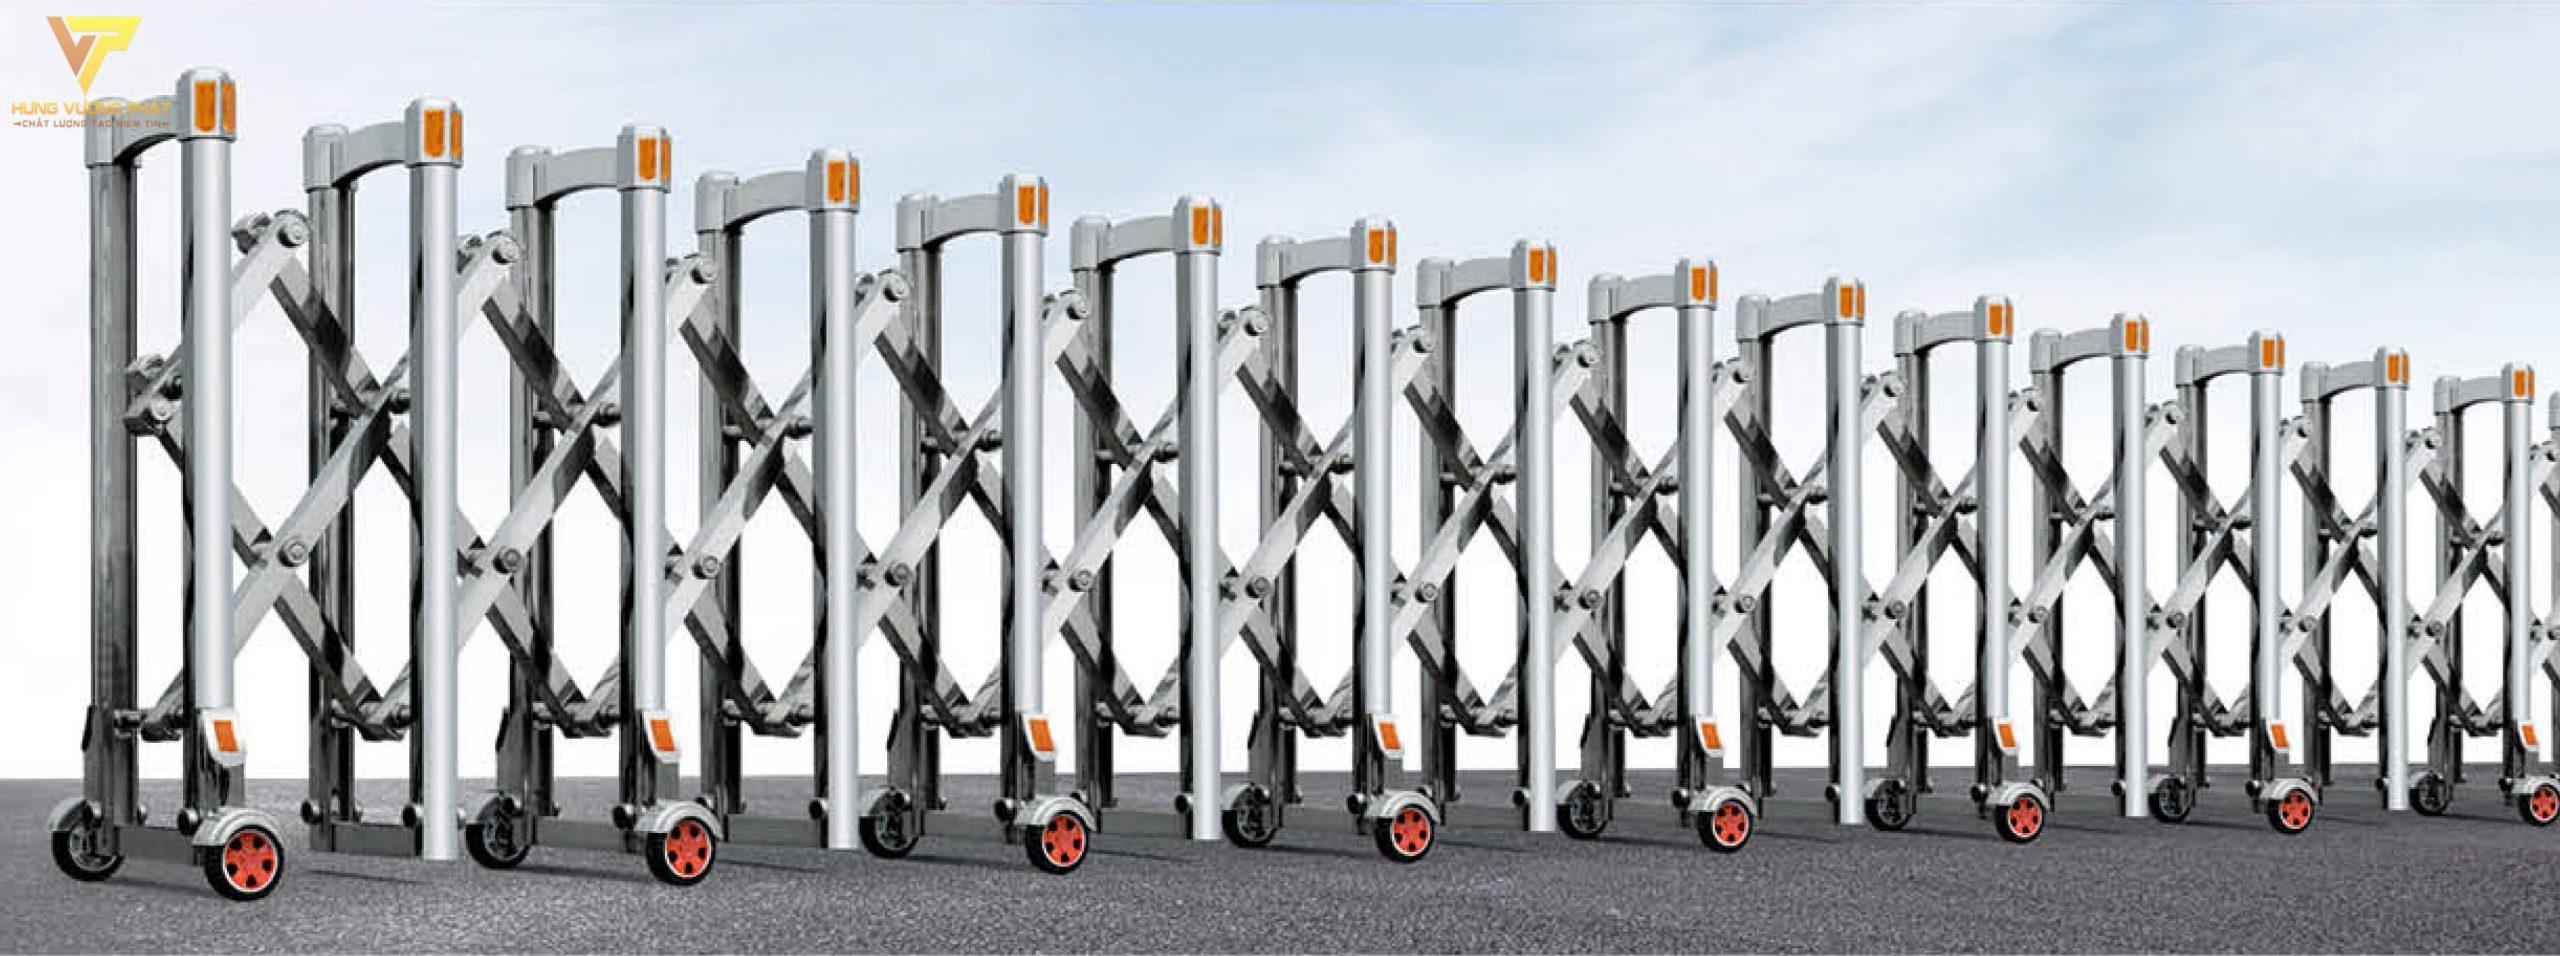 Cổng xếp inox chạy điện tự động HI65